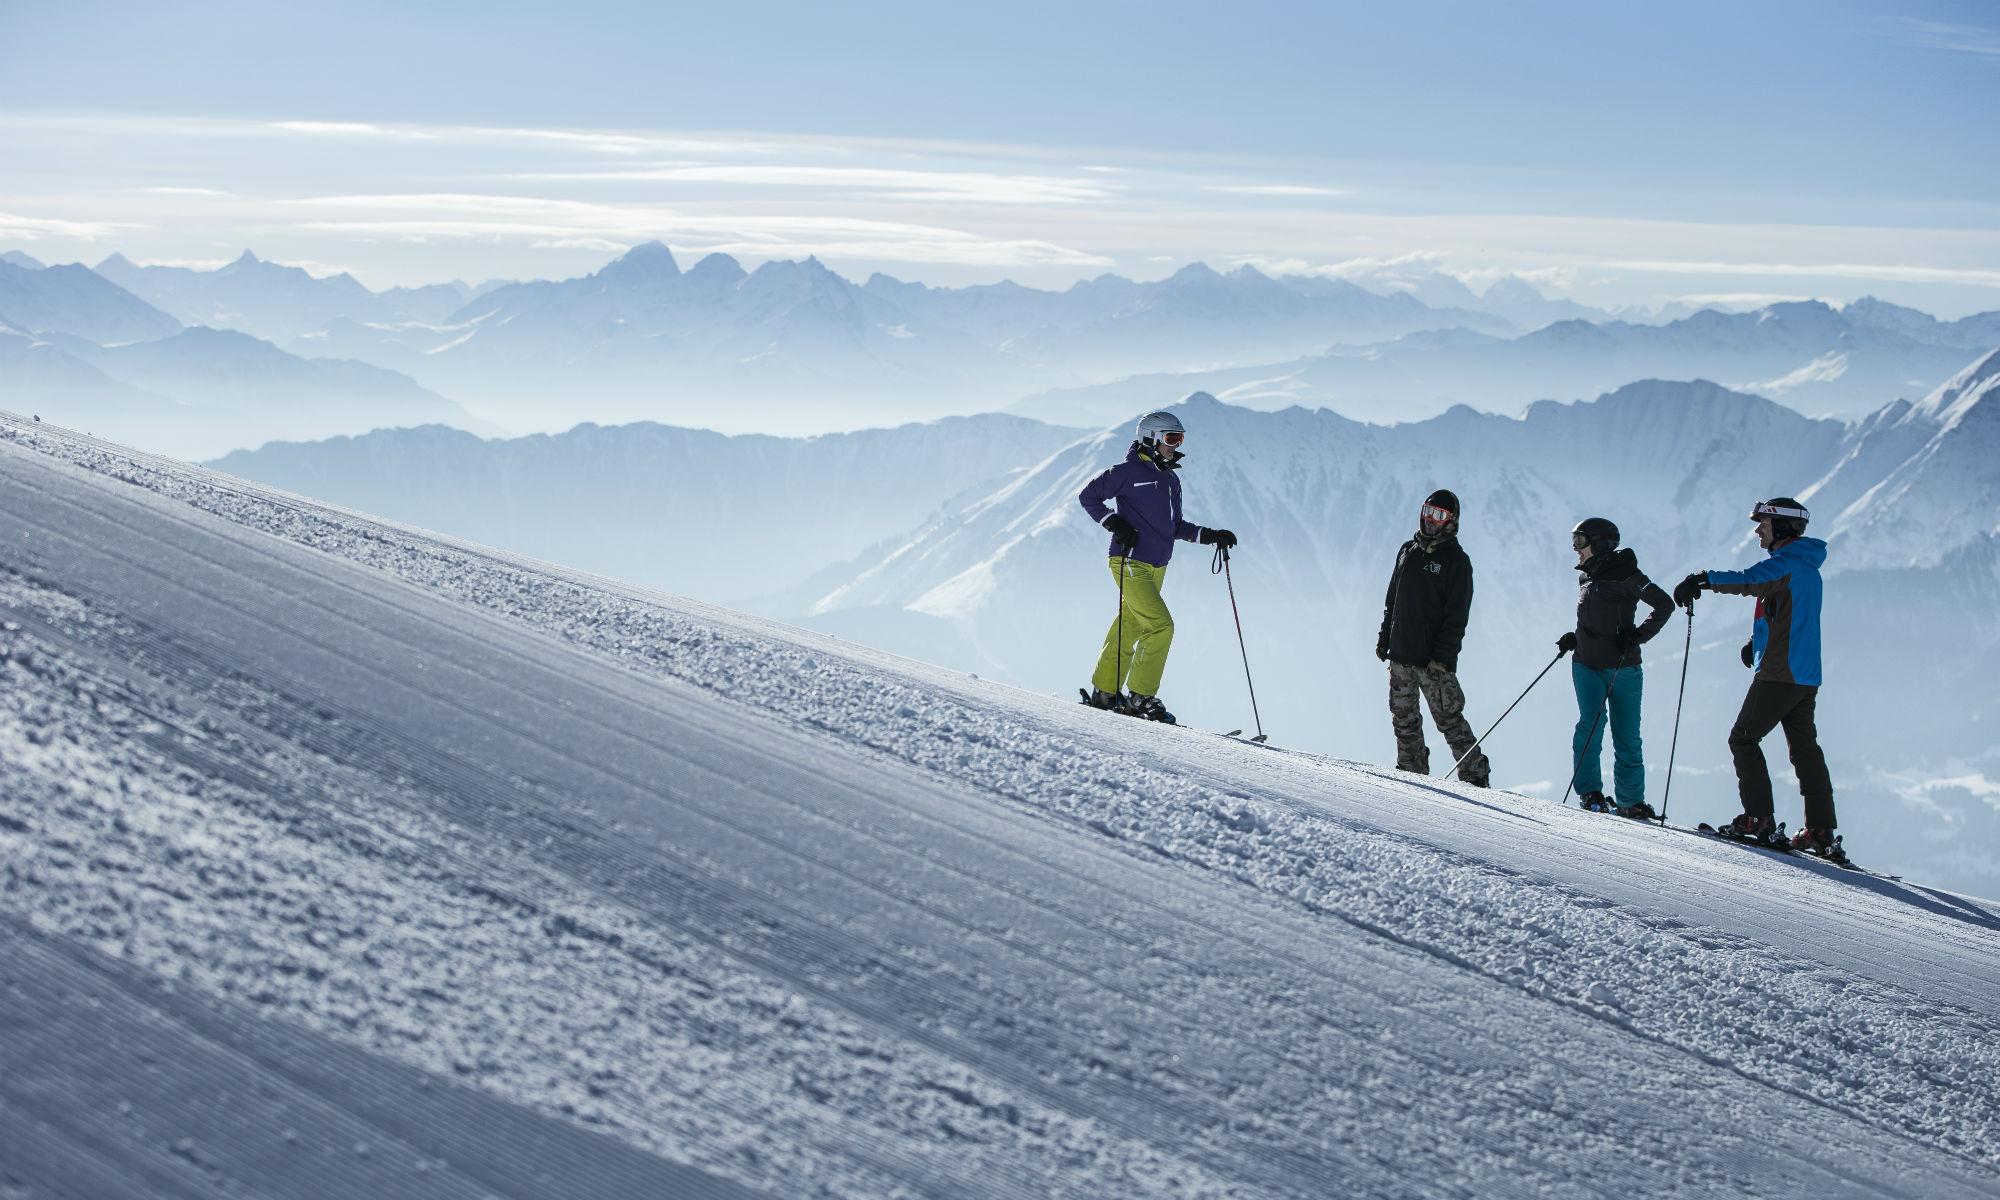 Skifahrer und ein Snowboarder beim Skikurs auf einer Piste im Skigebiet Laax-Flims-Falera.